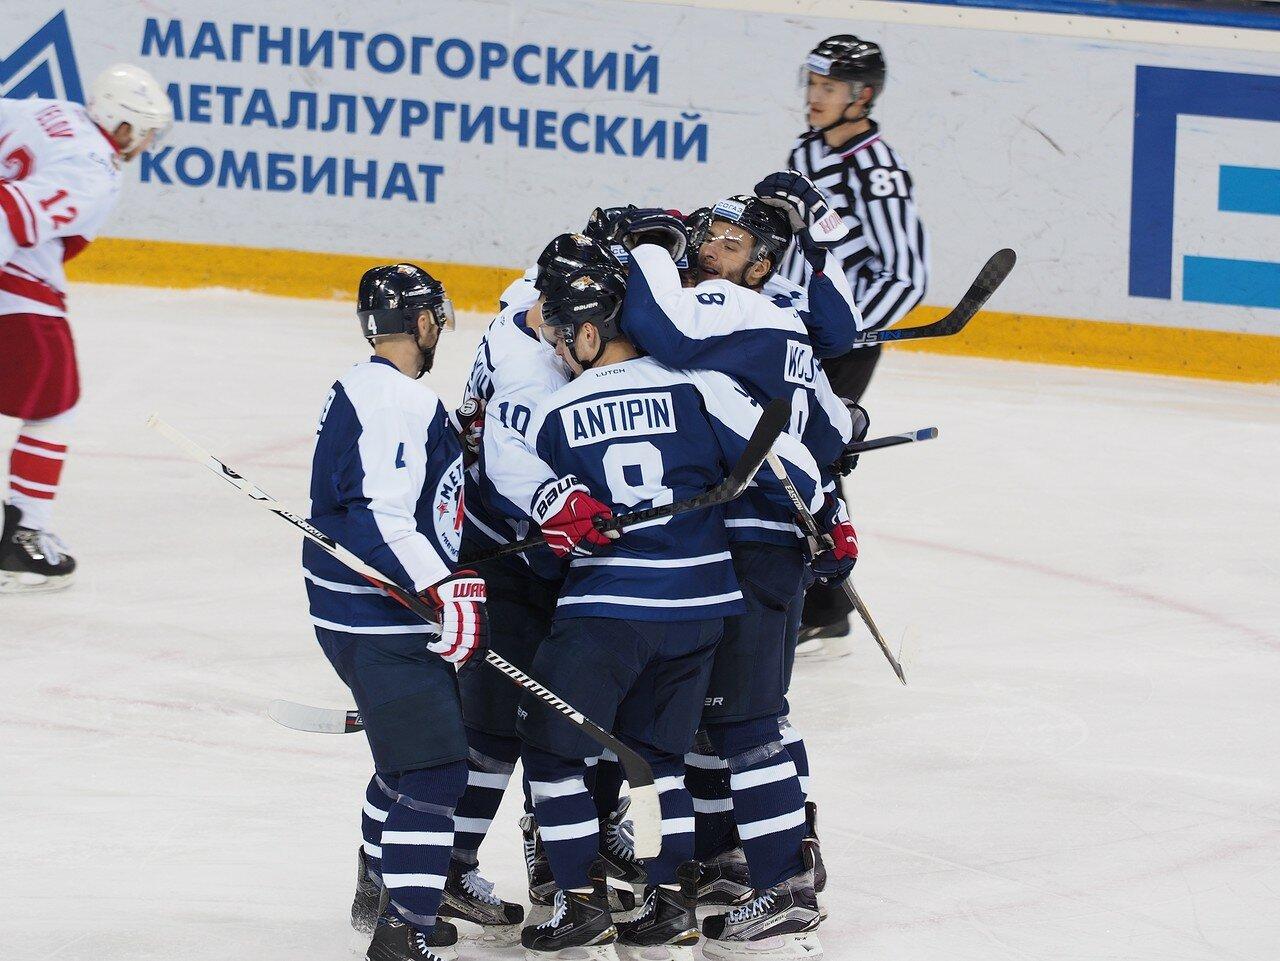 12Металлург - Cпартак 26.12.2015